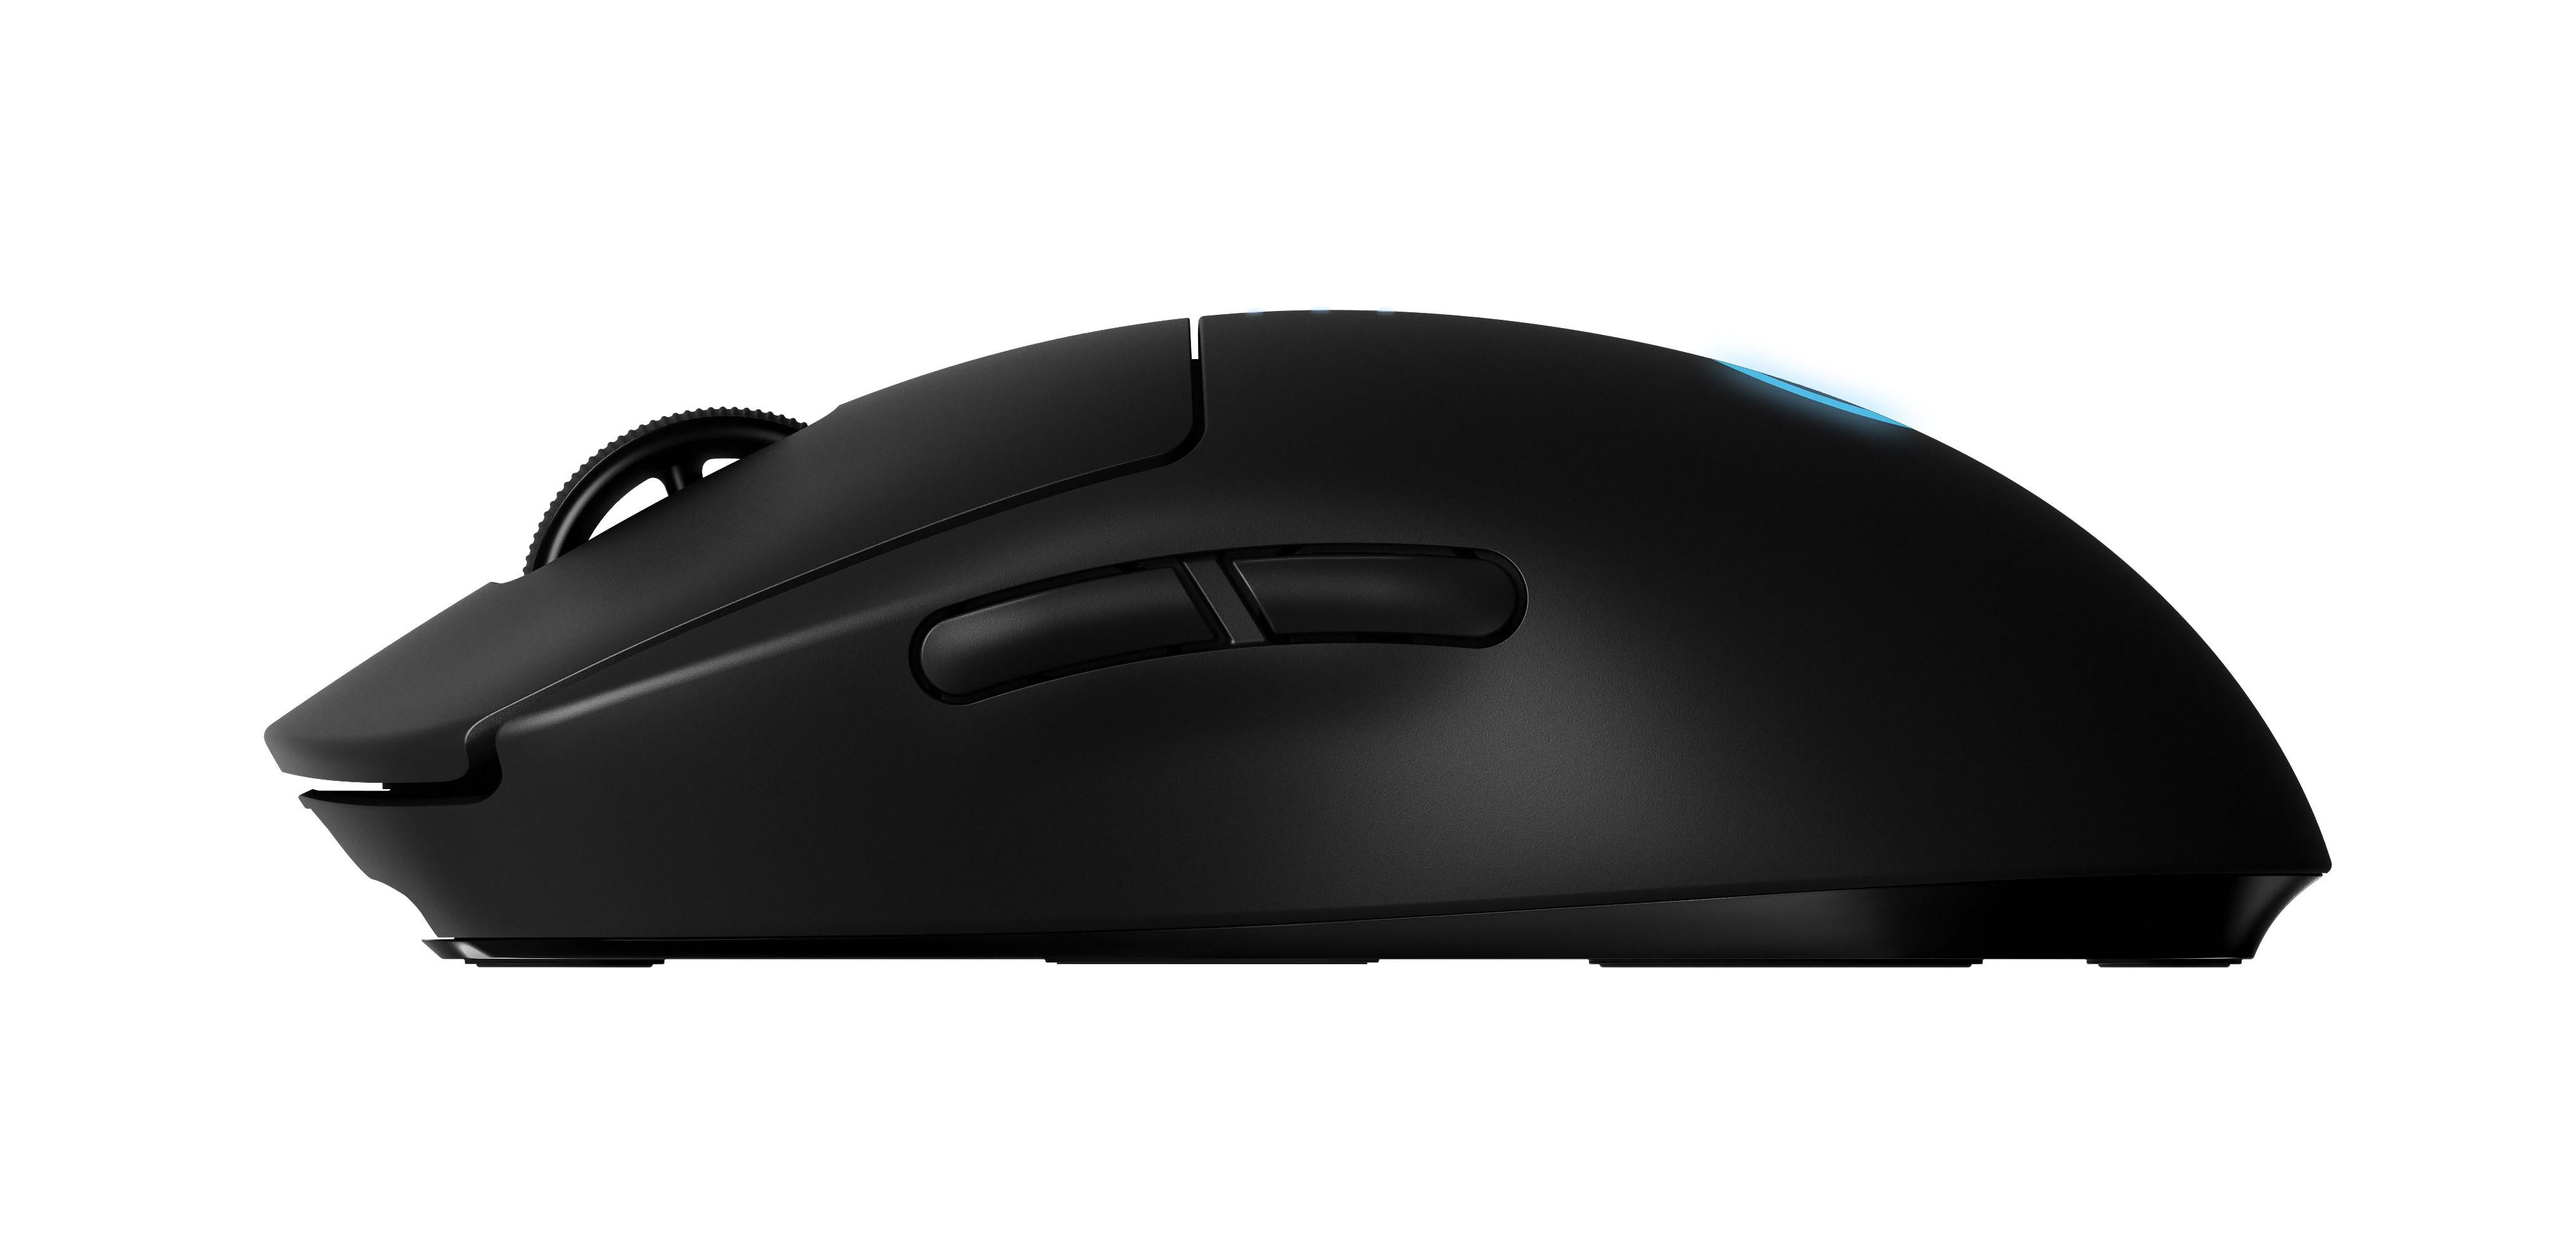 Knapparna på sidan kan flyttas så att musen går att använda med både höger och vänster hand. Foto: Logitech G